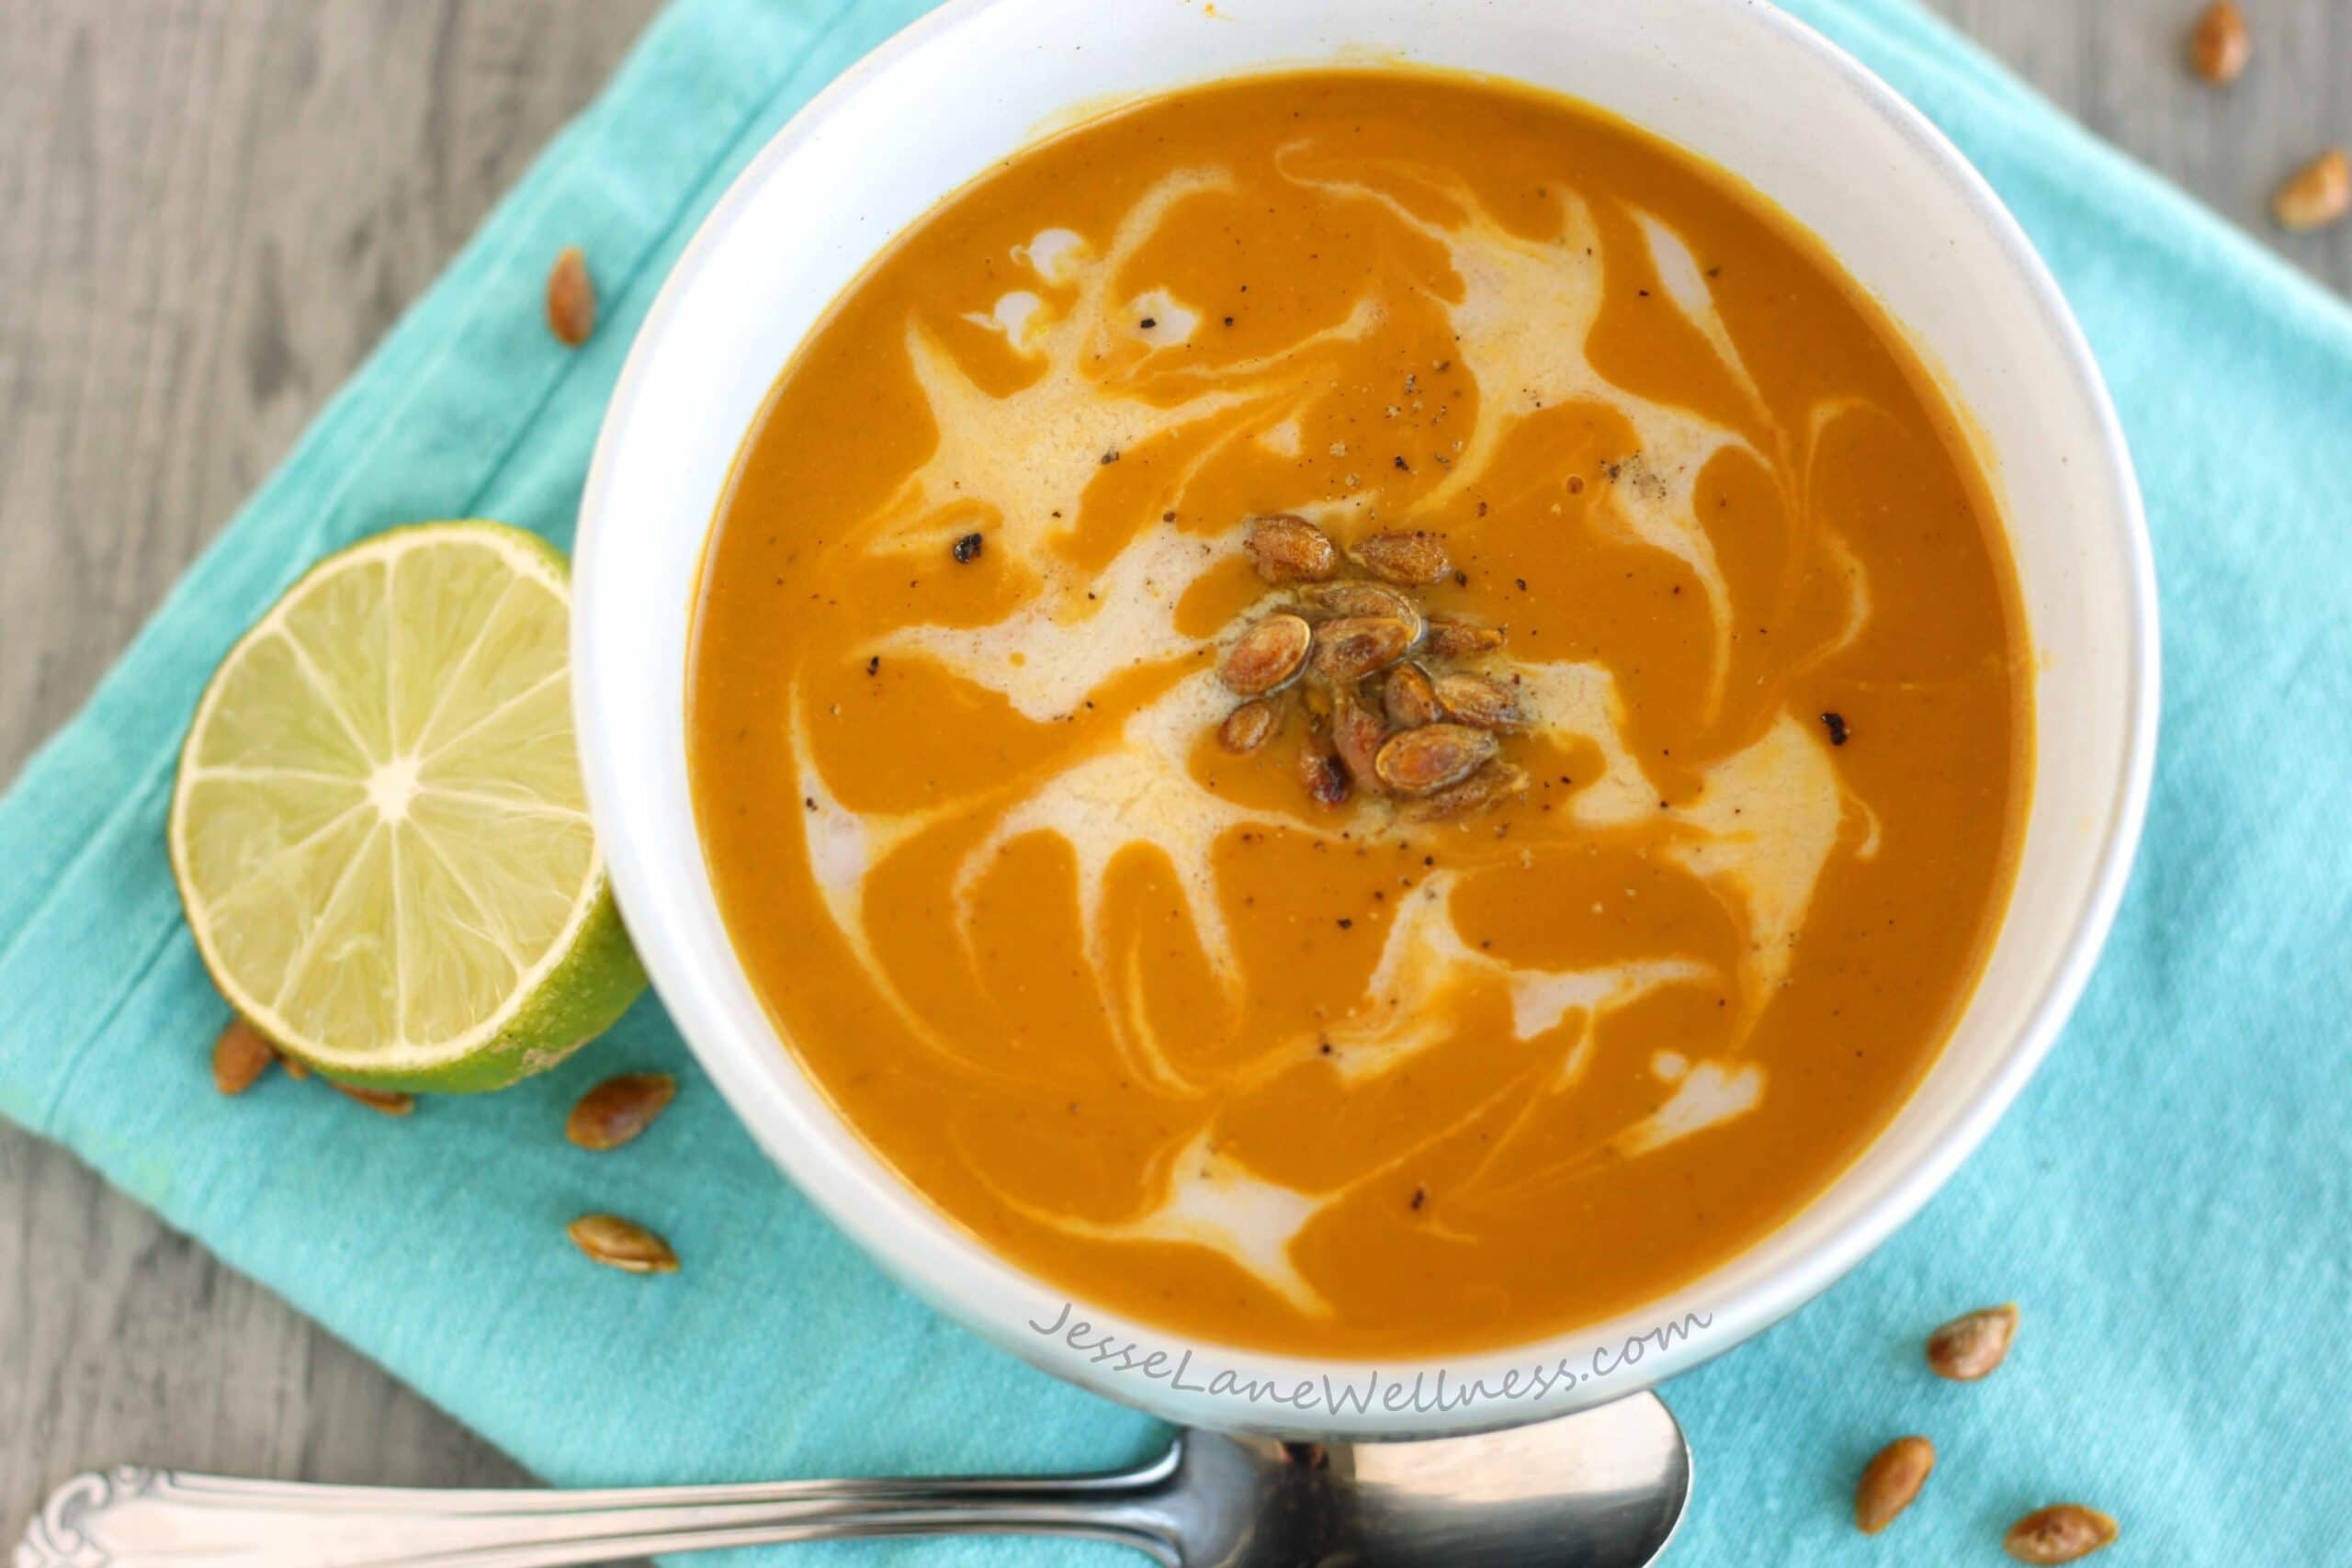 Curry Kabocha Squash Soup by @jesselwellness #healthysoup #suqash